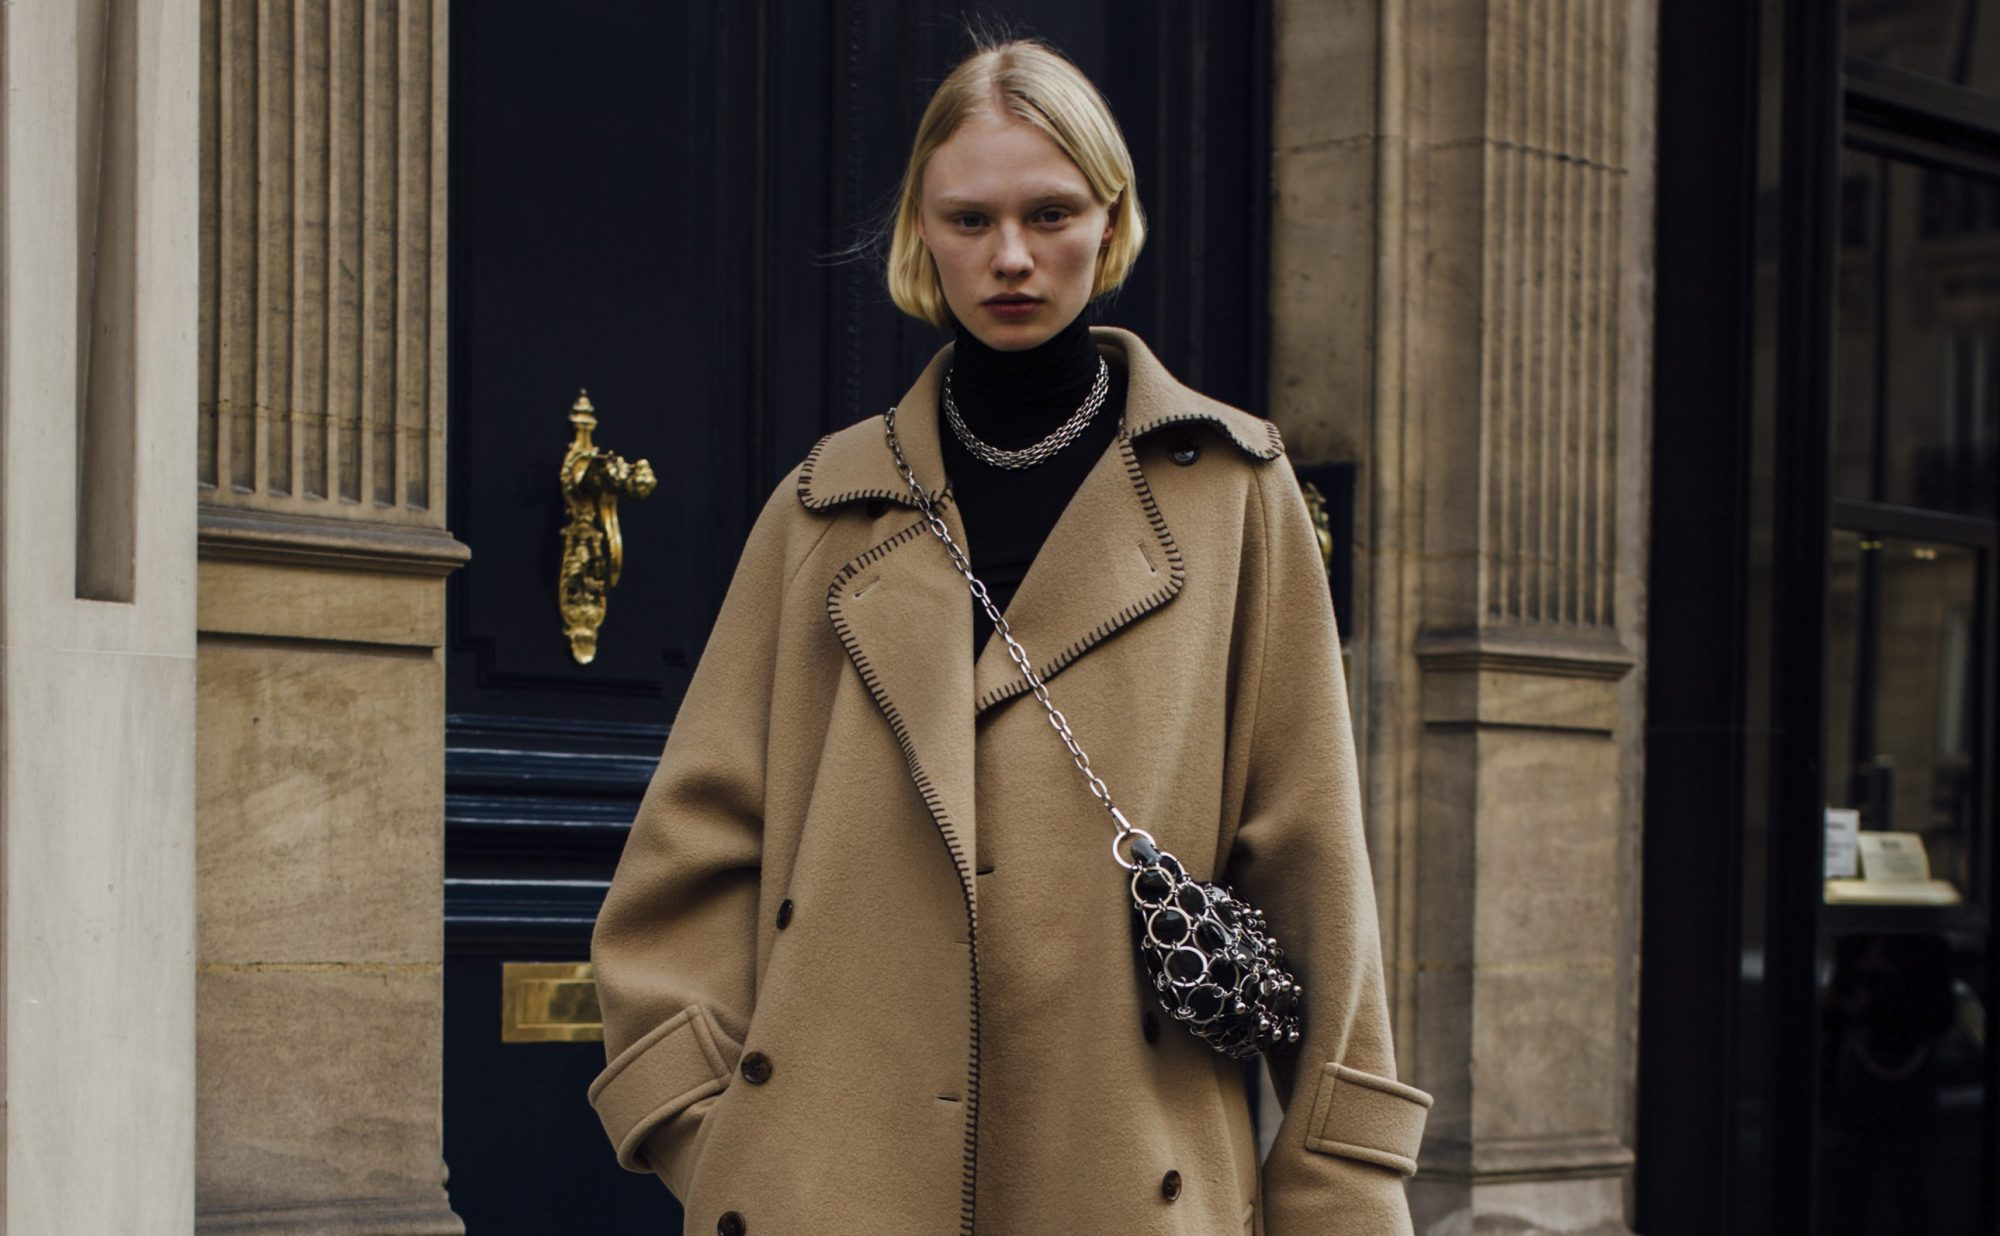 Είναι νωρίς να μιλάμε για παλτό; 10 καμηλό σχέδια που αργά ή γρήγορα θα σου χρειαστούν